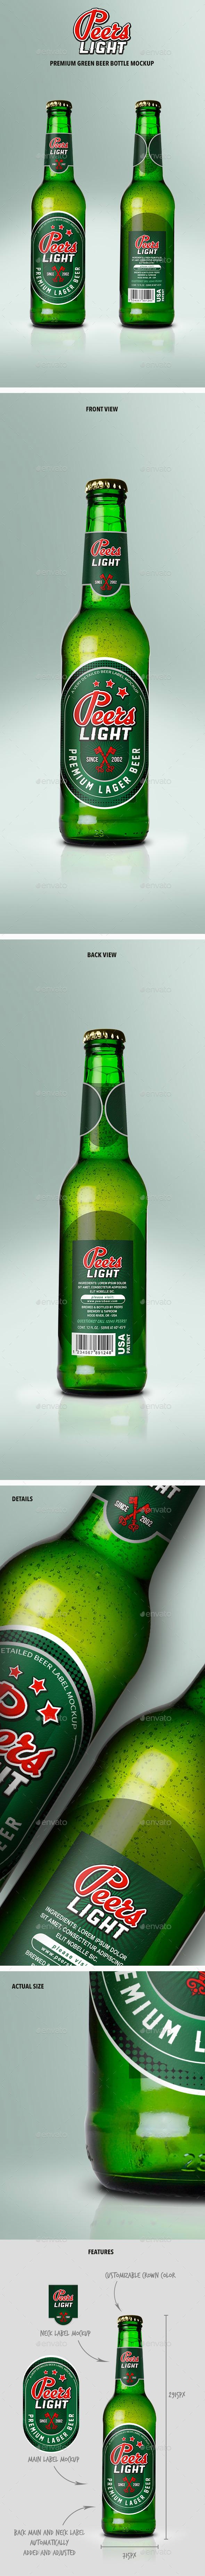 Premium Green Beer Bottle Mockup